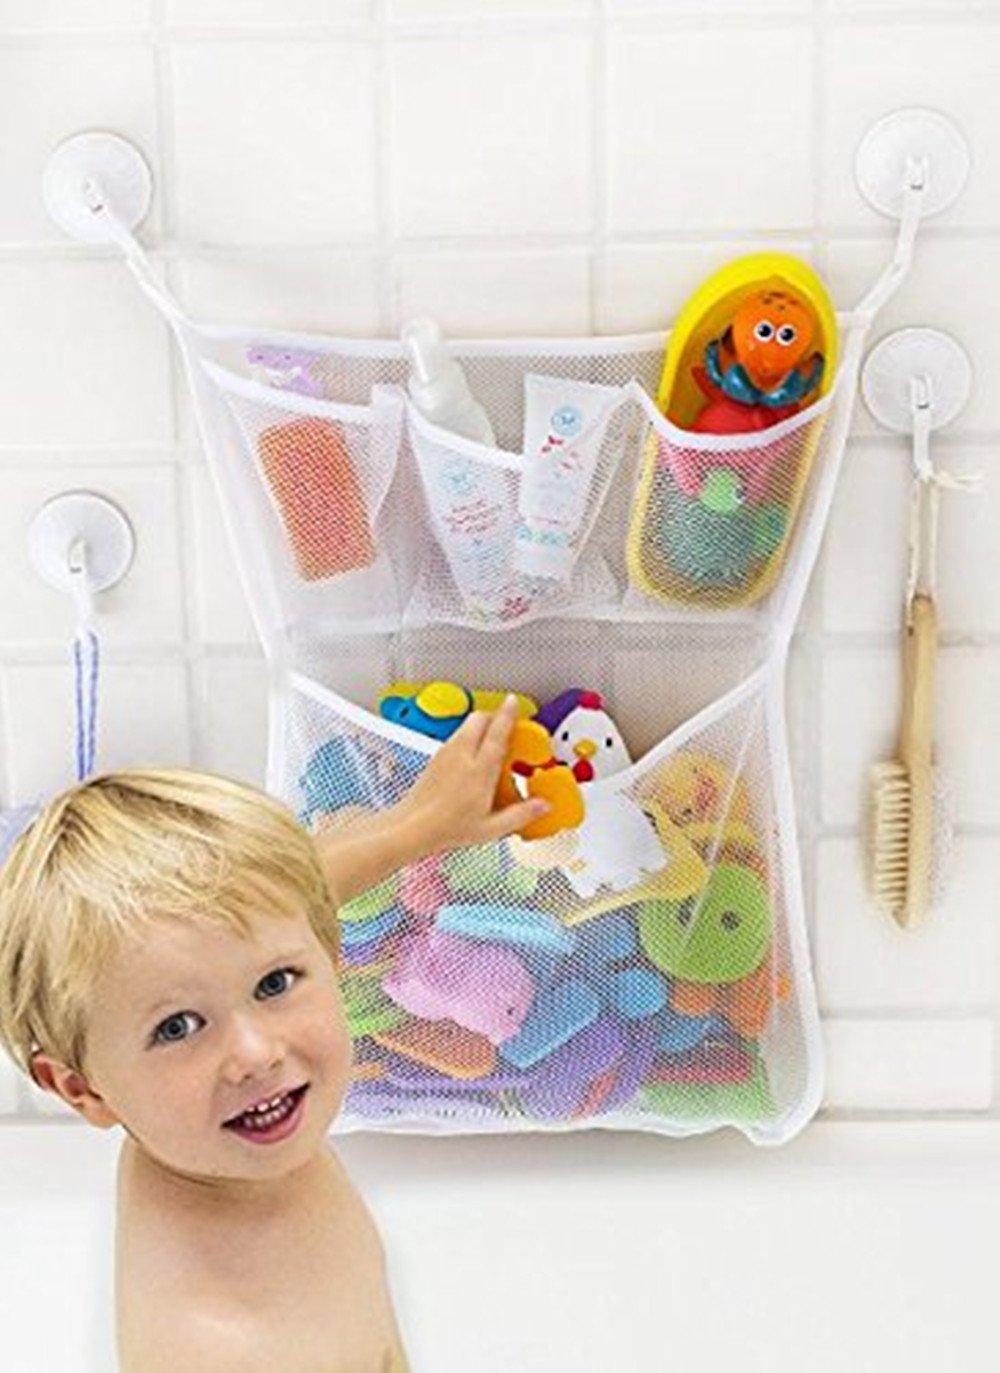 Juguetes para baño organizador con múltiples bolsillos, incluye 4 ventosas y duradero resistente al moho malla lavable